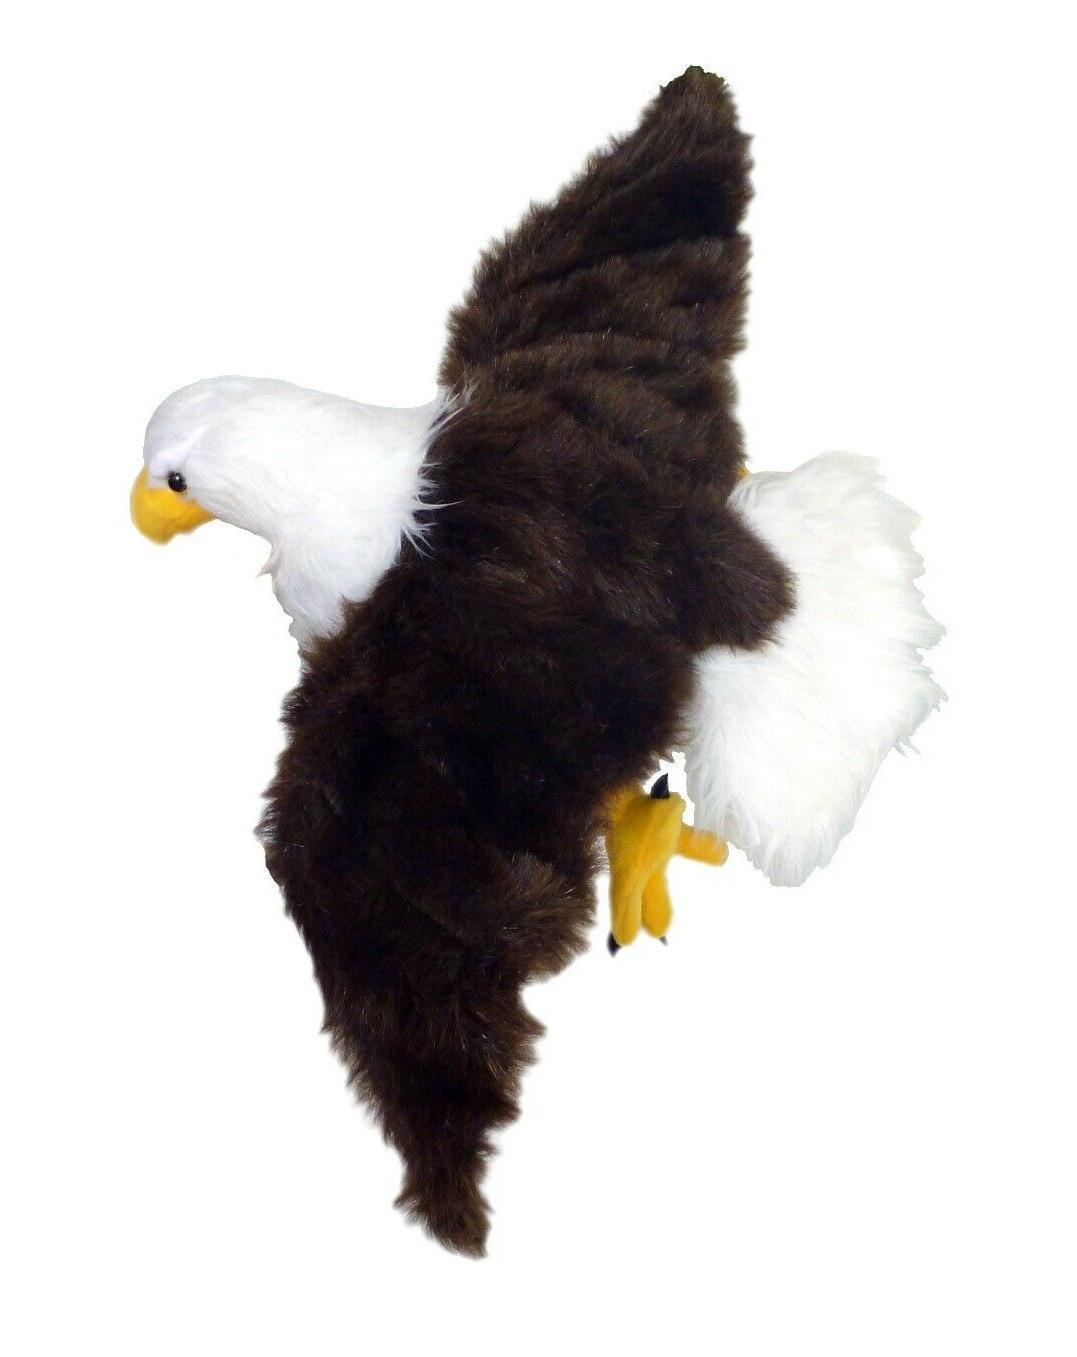 liberty bald eagle stuffed animal